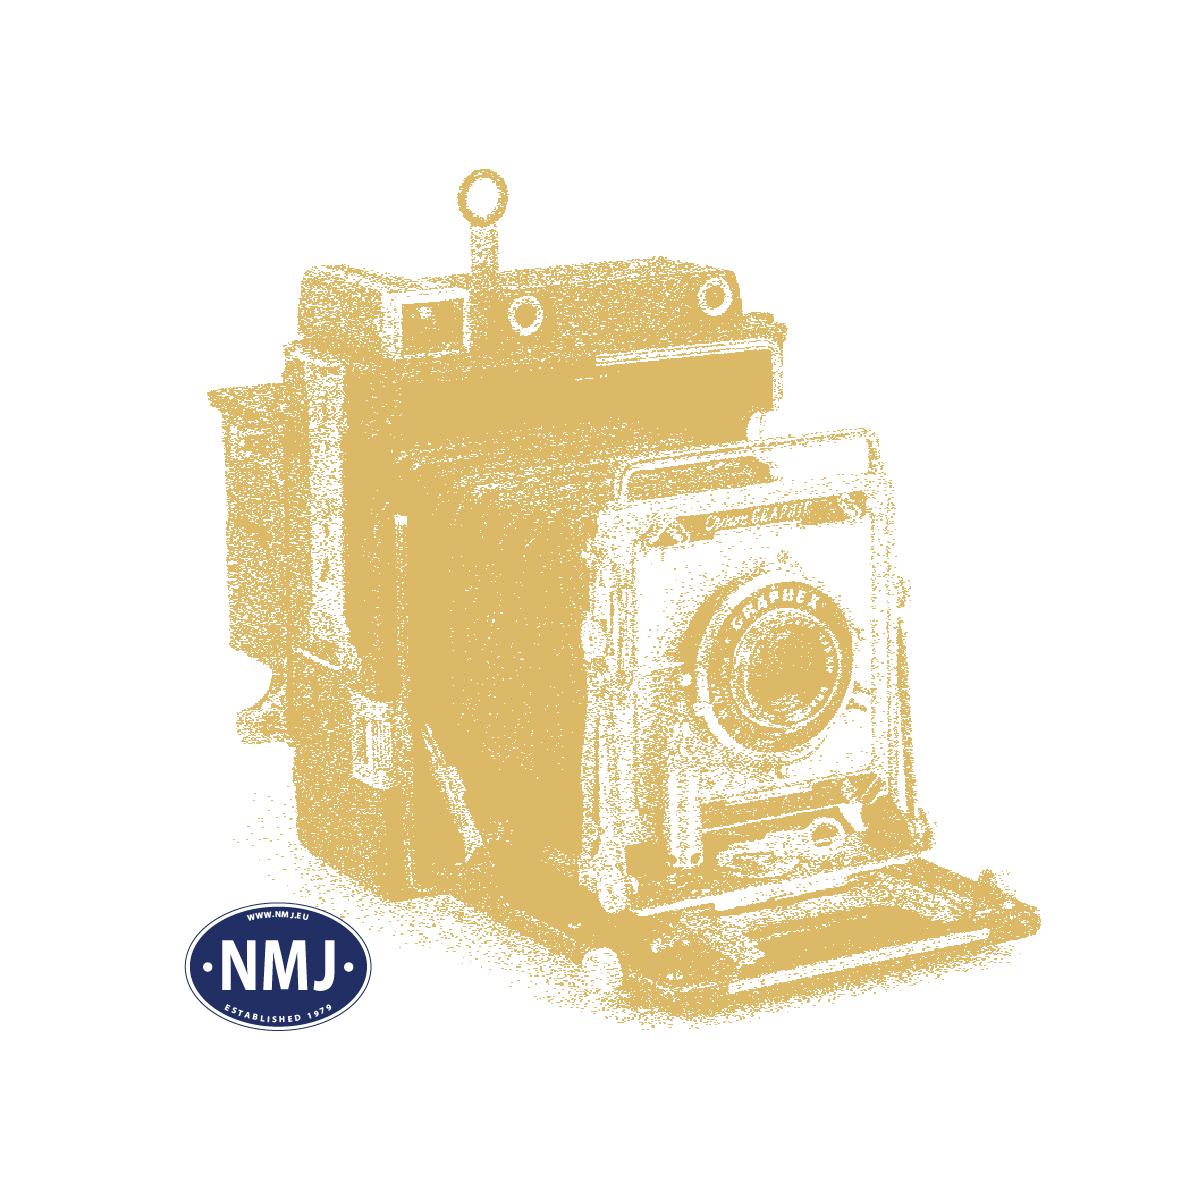 NMJT133.101 - NMJ Topline NSB BF10 21513, Gammeldesign